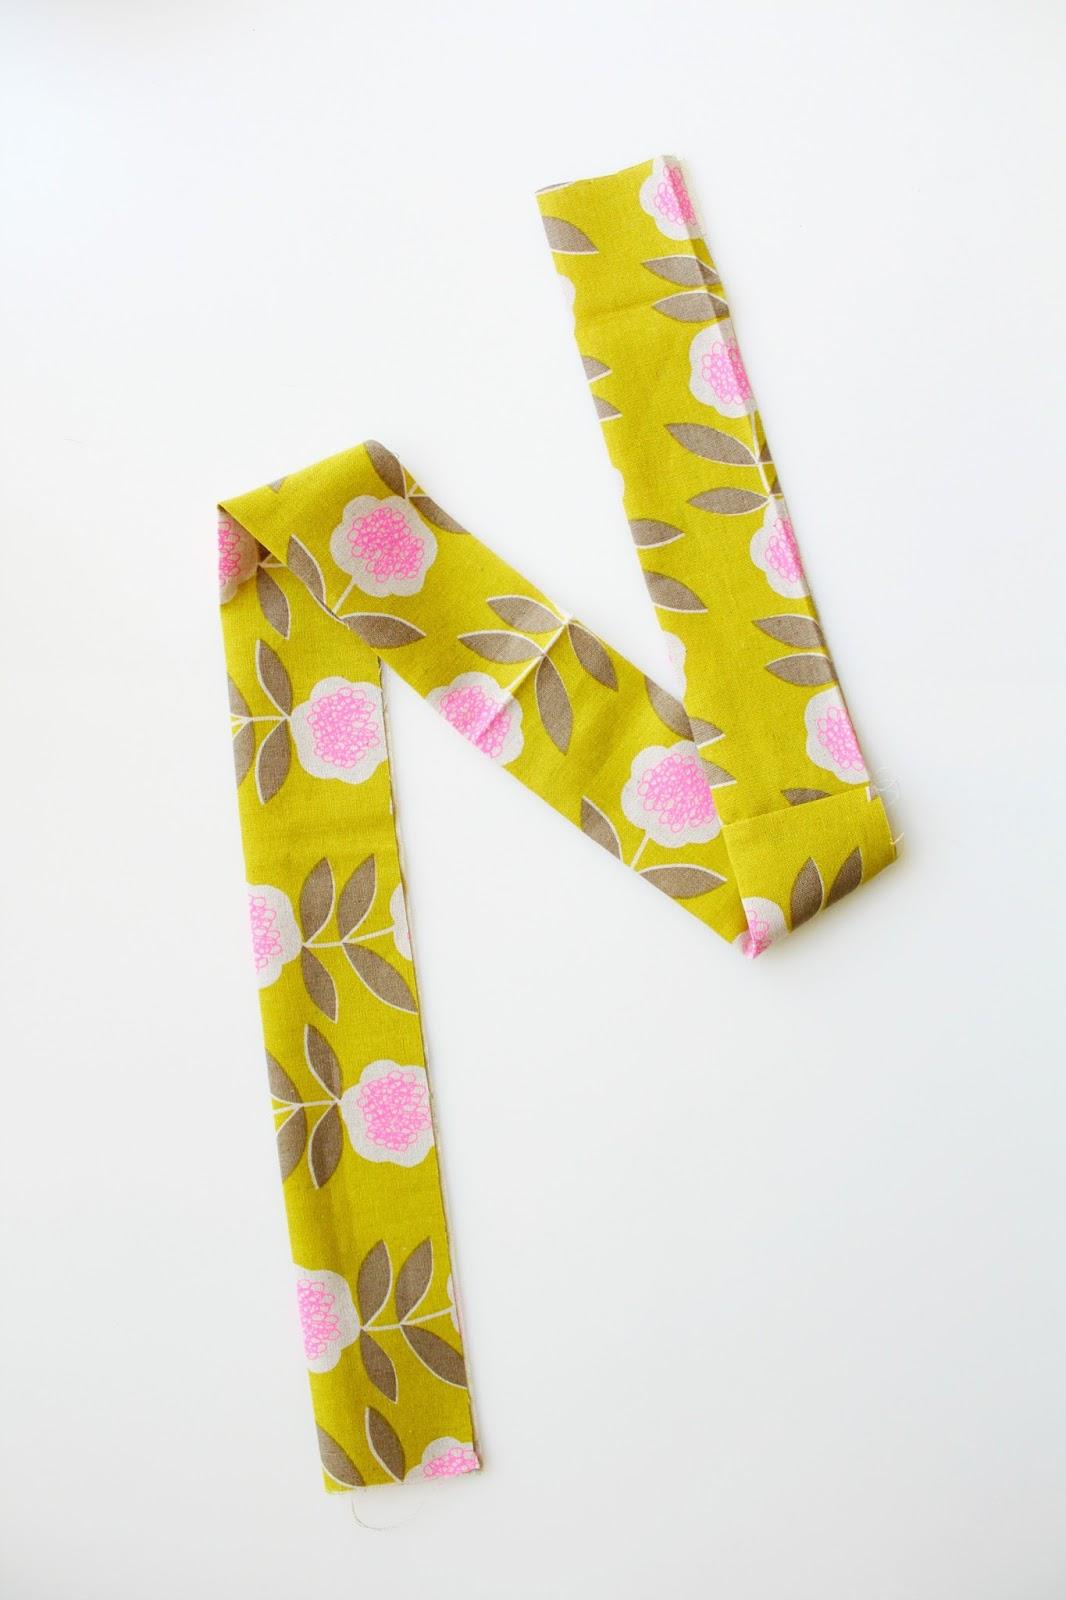 sewhungryhippie: IRIS Messenger Bag sewing pattern coming soon